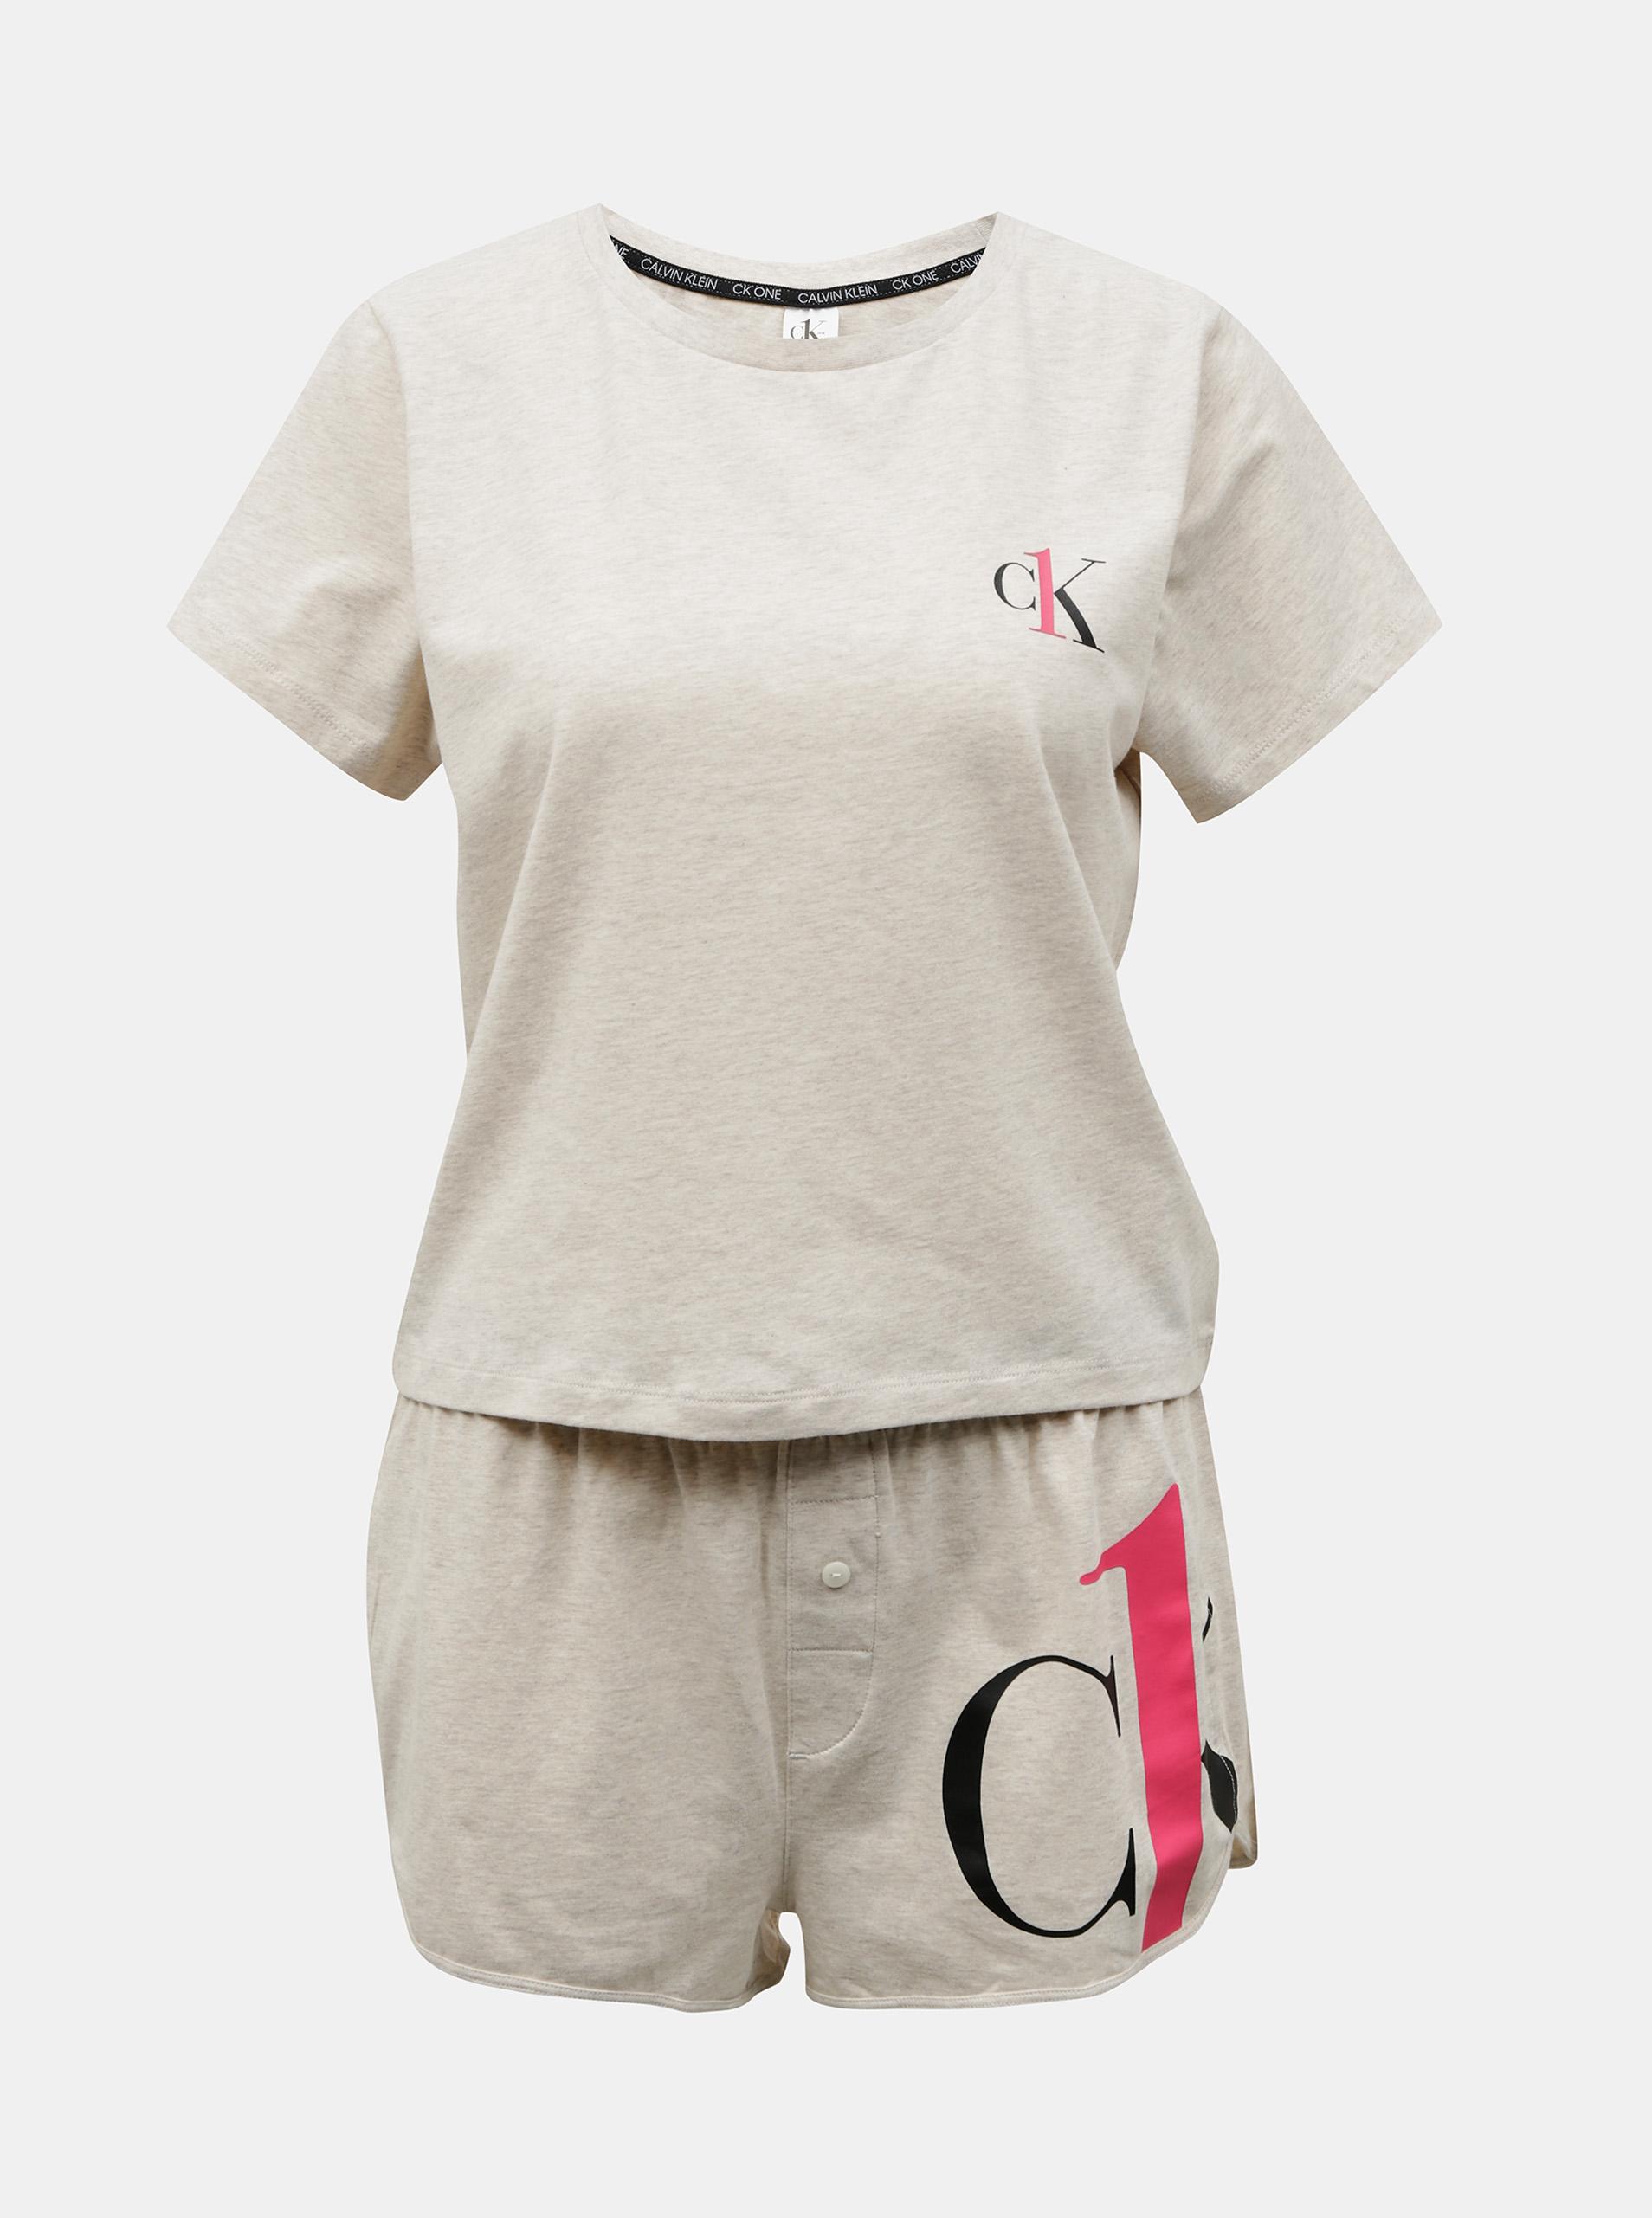 Calvin Klein sivé pyžamo S/S Short set - XS